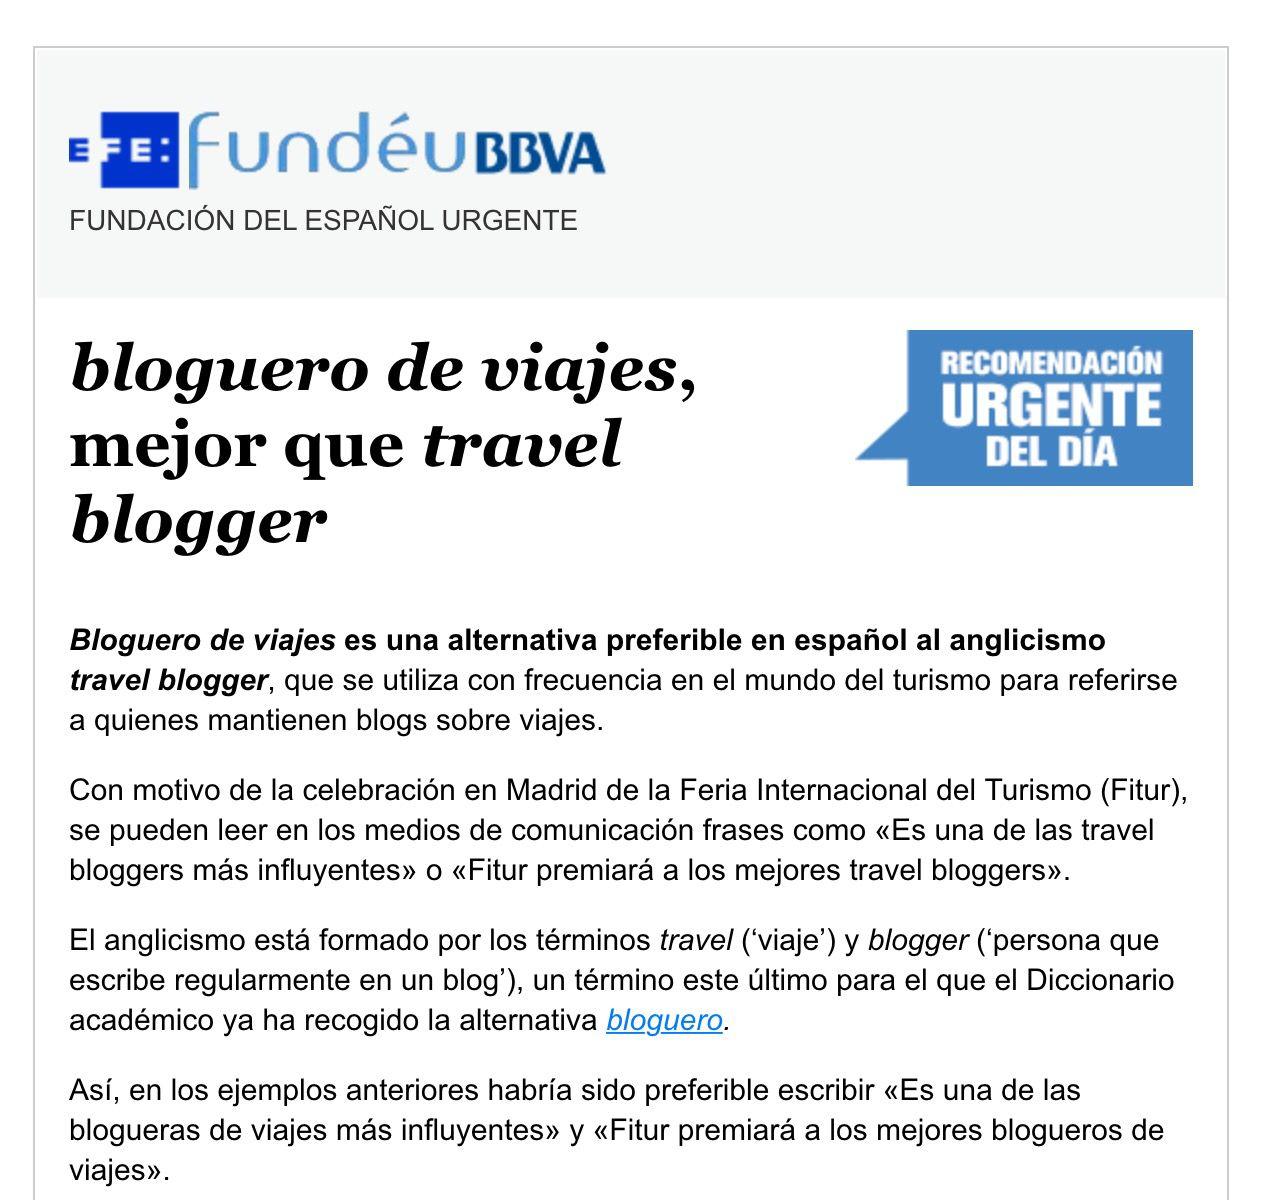 Bloguero de viajes